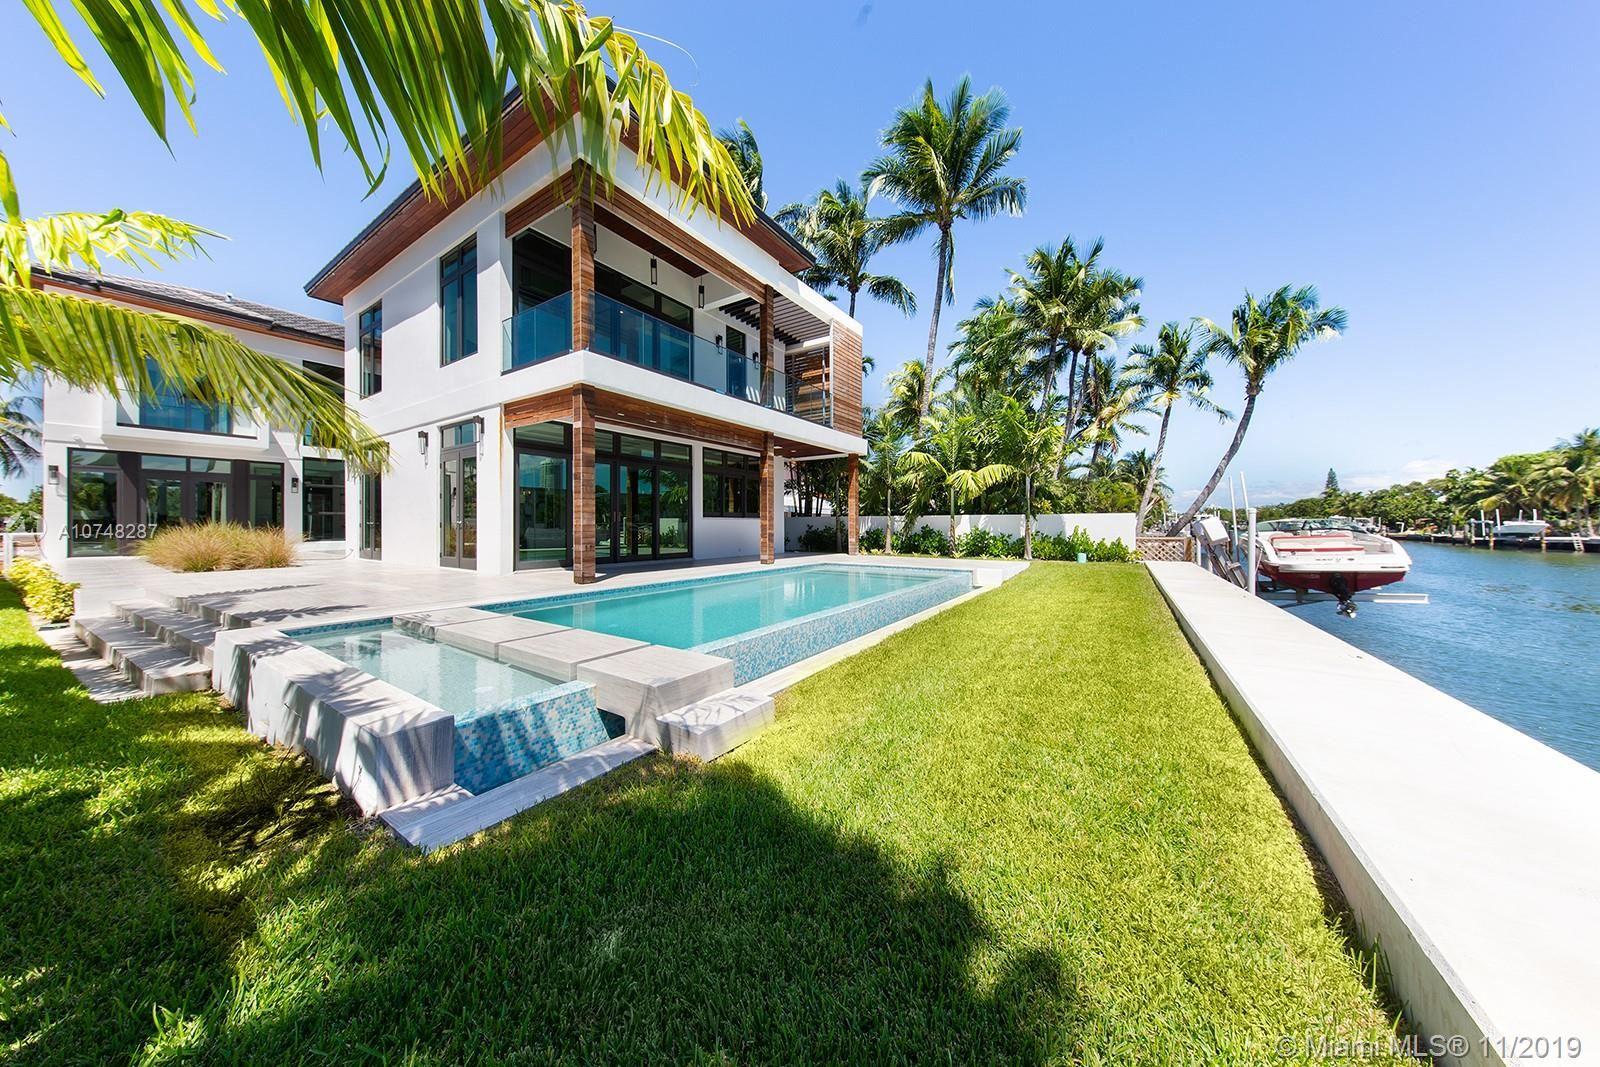 4255 N Meridian Ave, Miami Beach, FL 33140 - #: A10748287